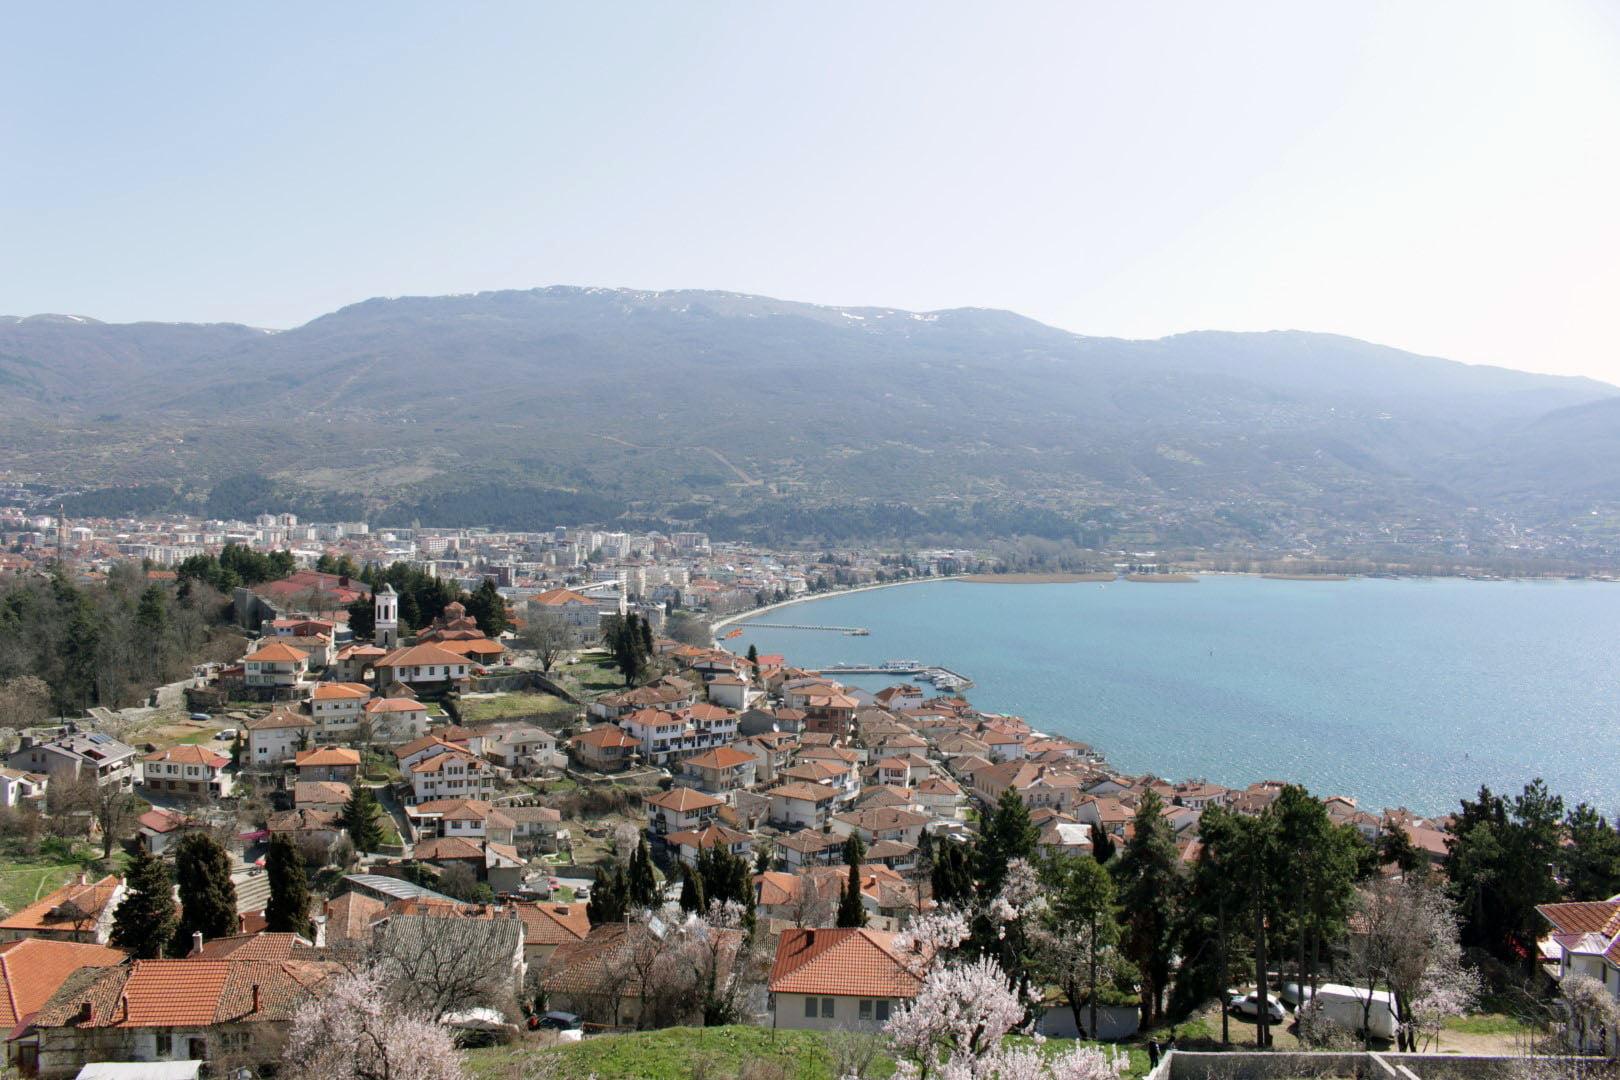 Makedonija_Ohrid__stari_grad_obilazak_evropski_gradovi_ackija_autobusom_povoljno